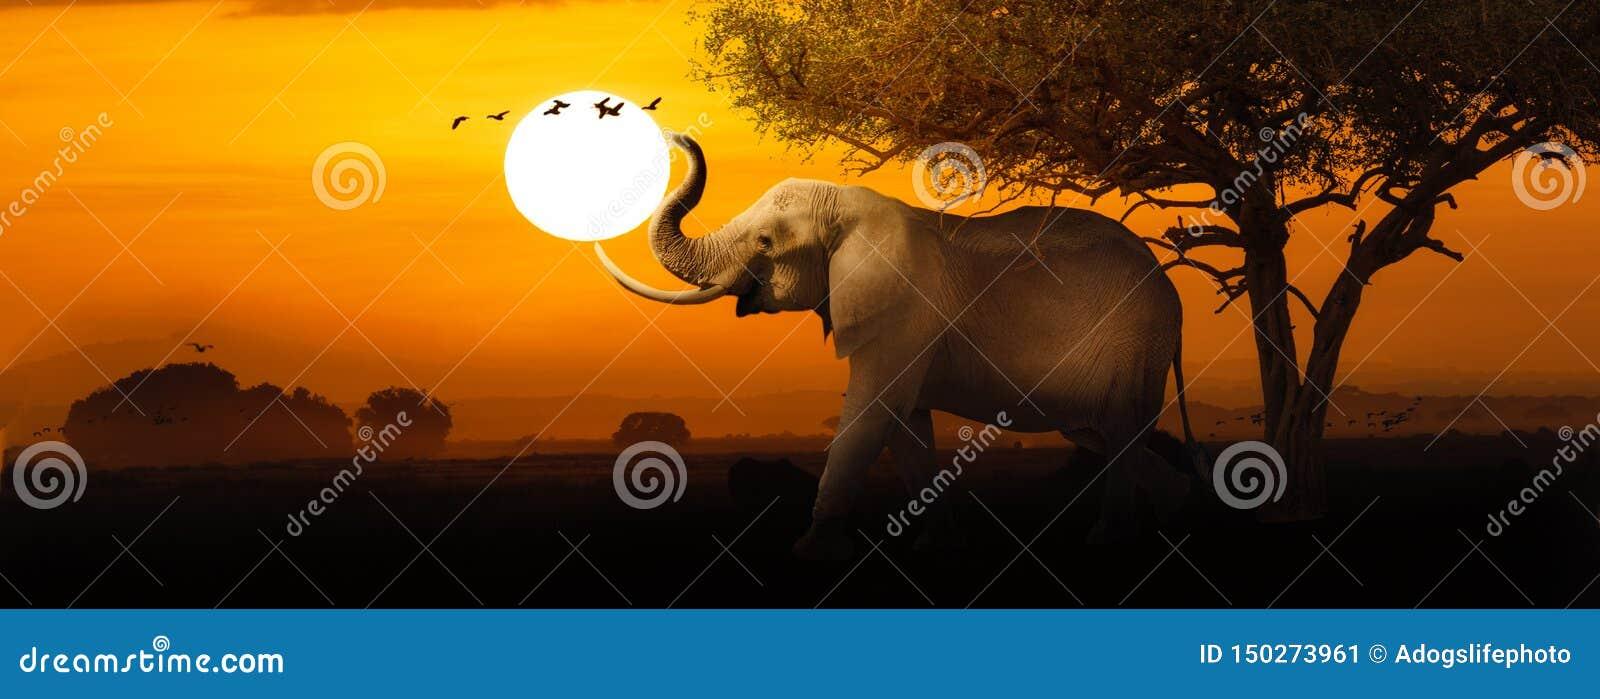 African Elephant Sunset Scene Web Banner